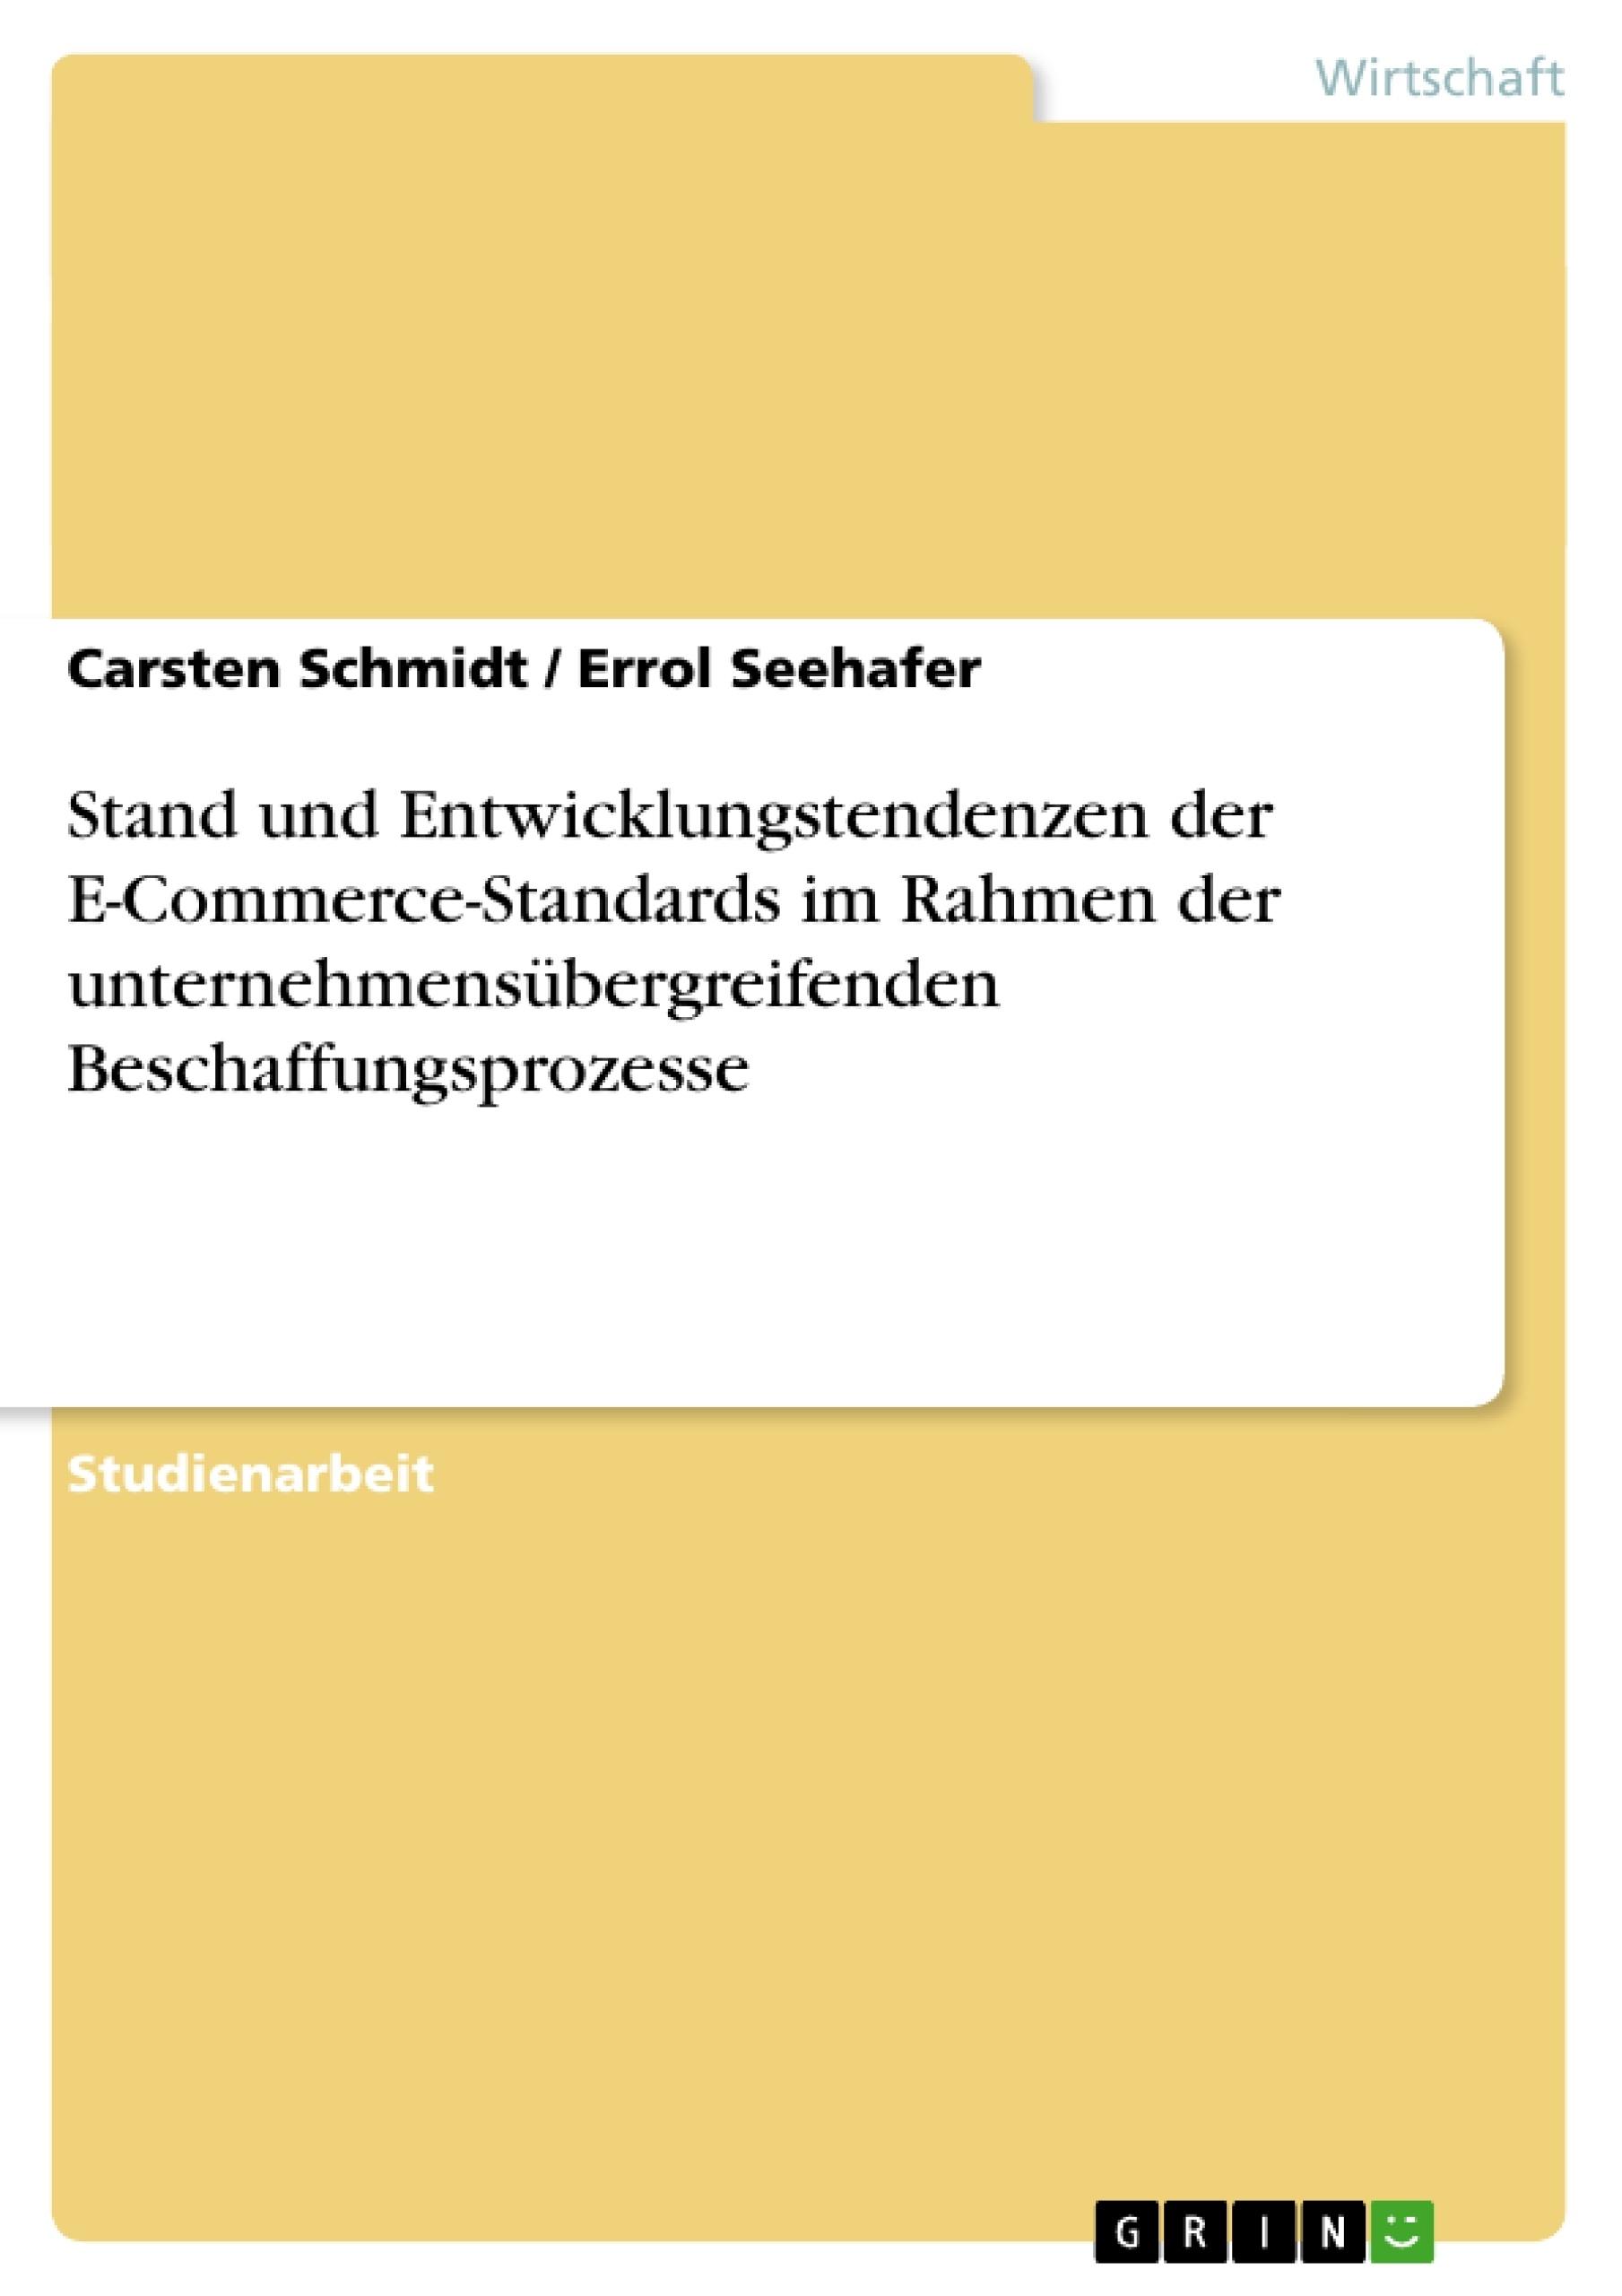 Titel: Stand und Entwicklungstendenzen der E-Commerce-Standards im Rahmen der unternehmensübergreifenden Beschaffungsprozesse